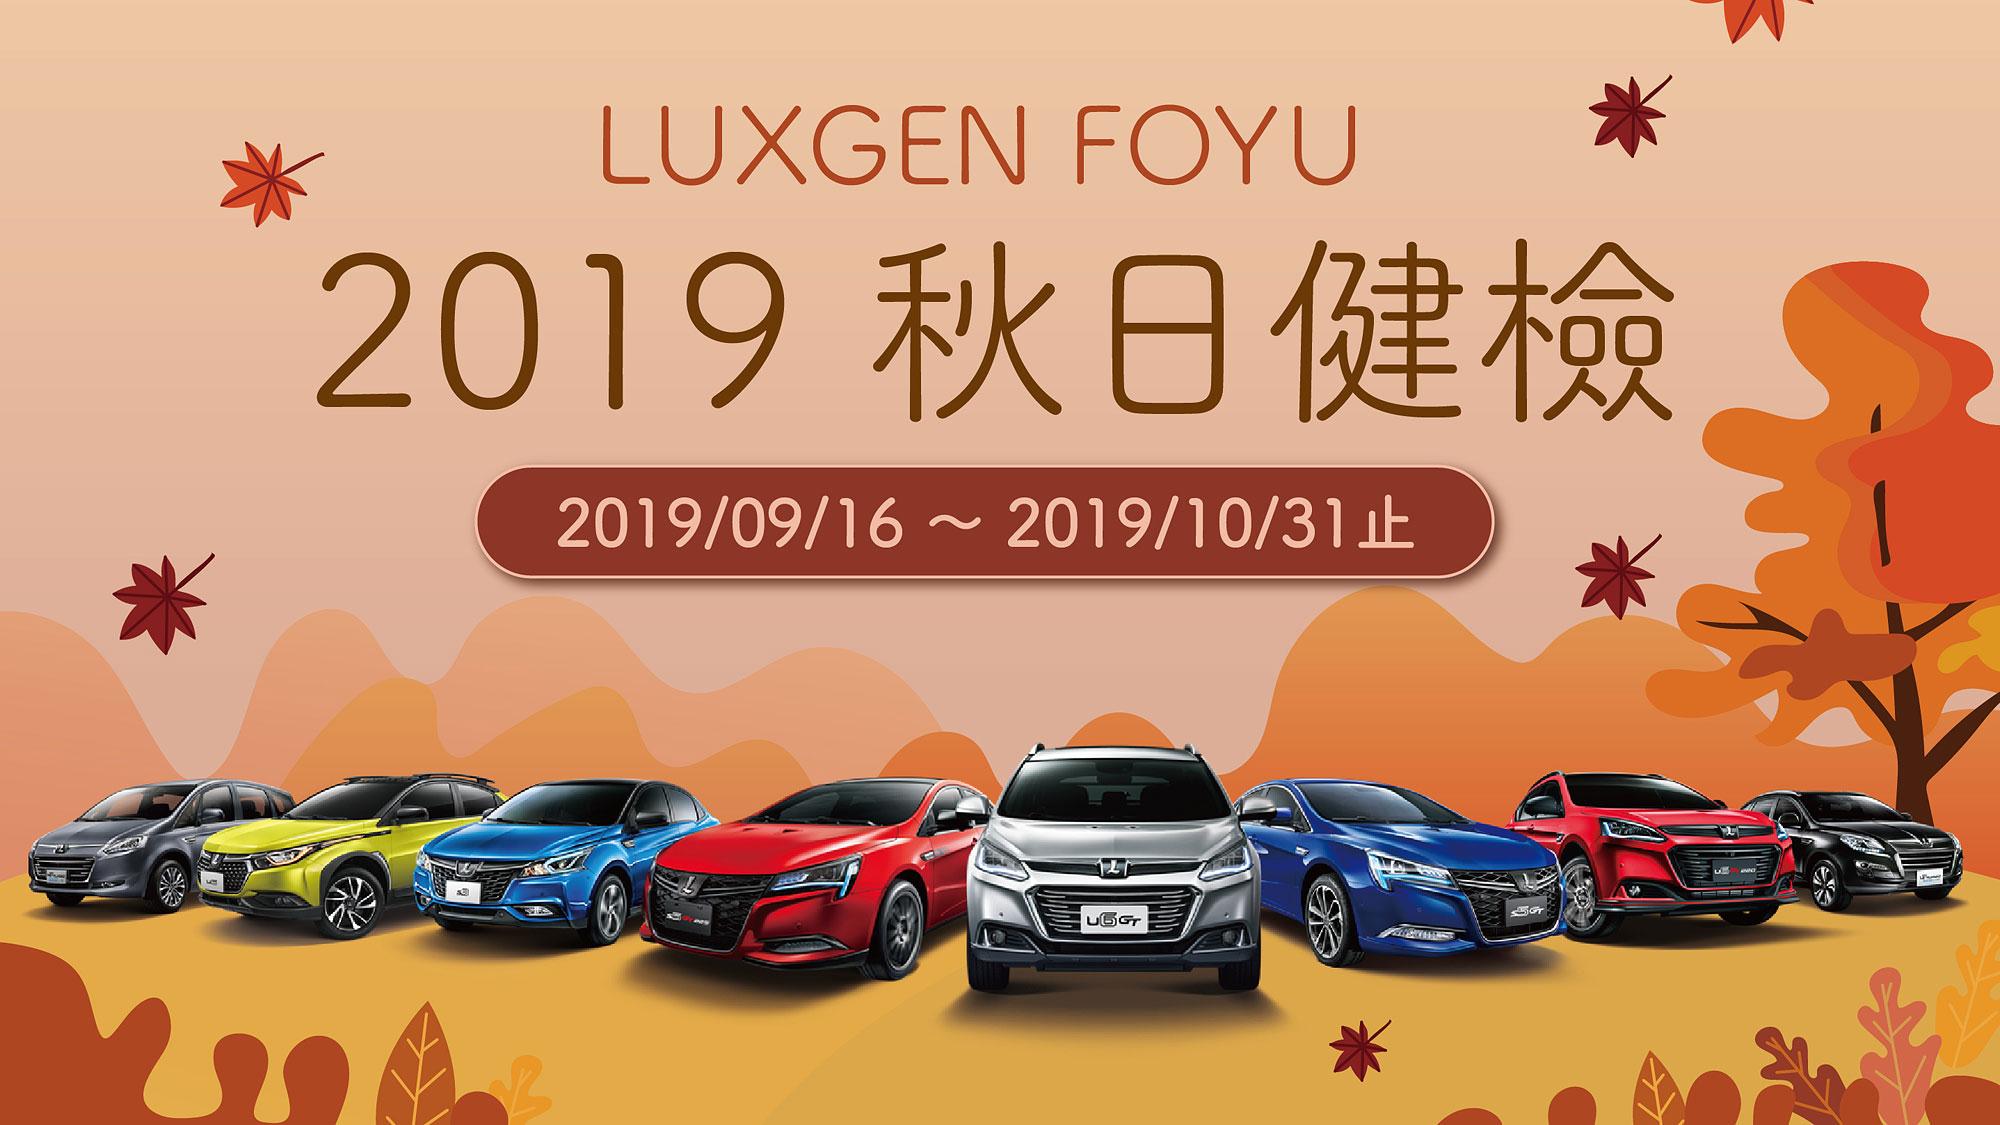 2019 Luxgen FOYU 秋日健檢 9 月 16 日起全面啟動